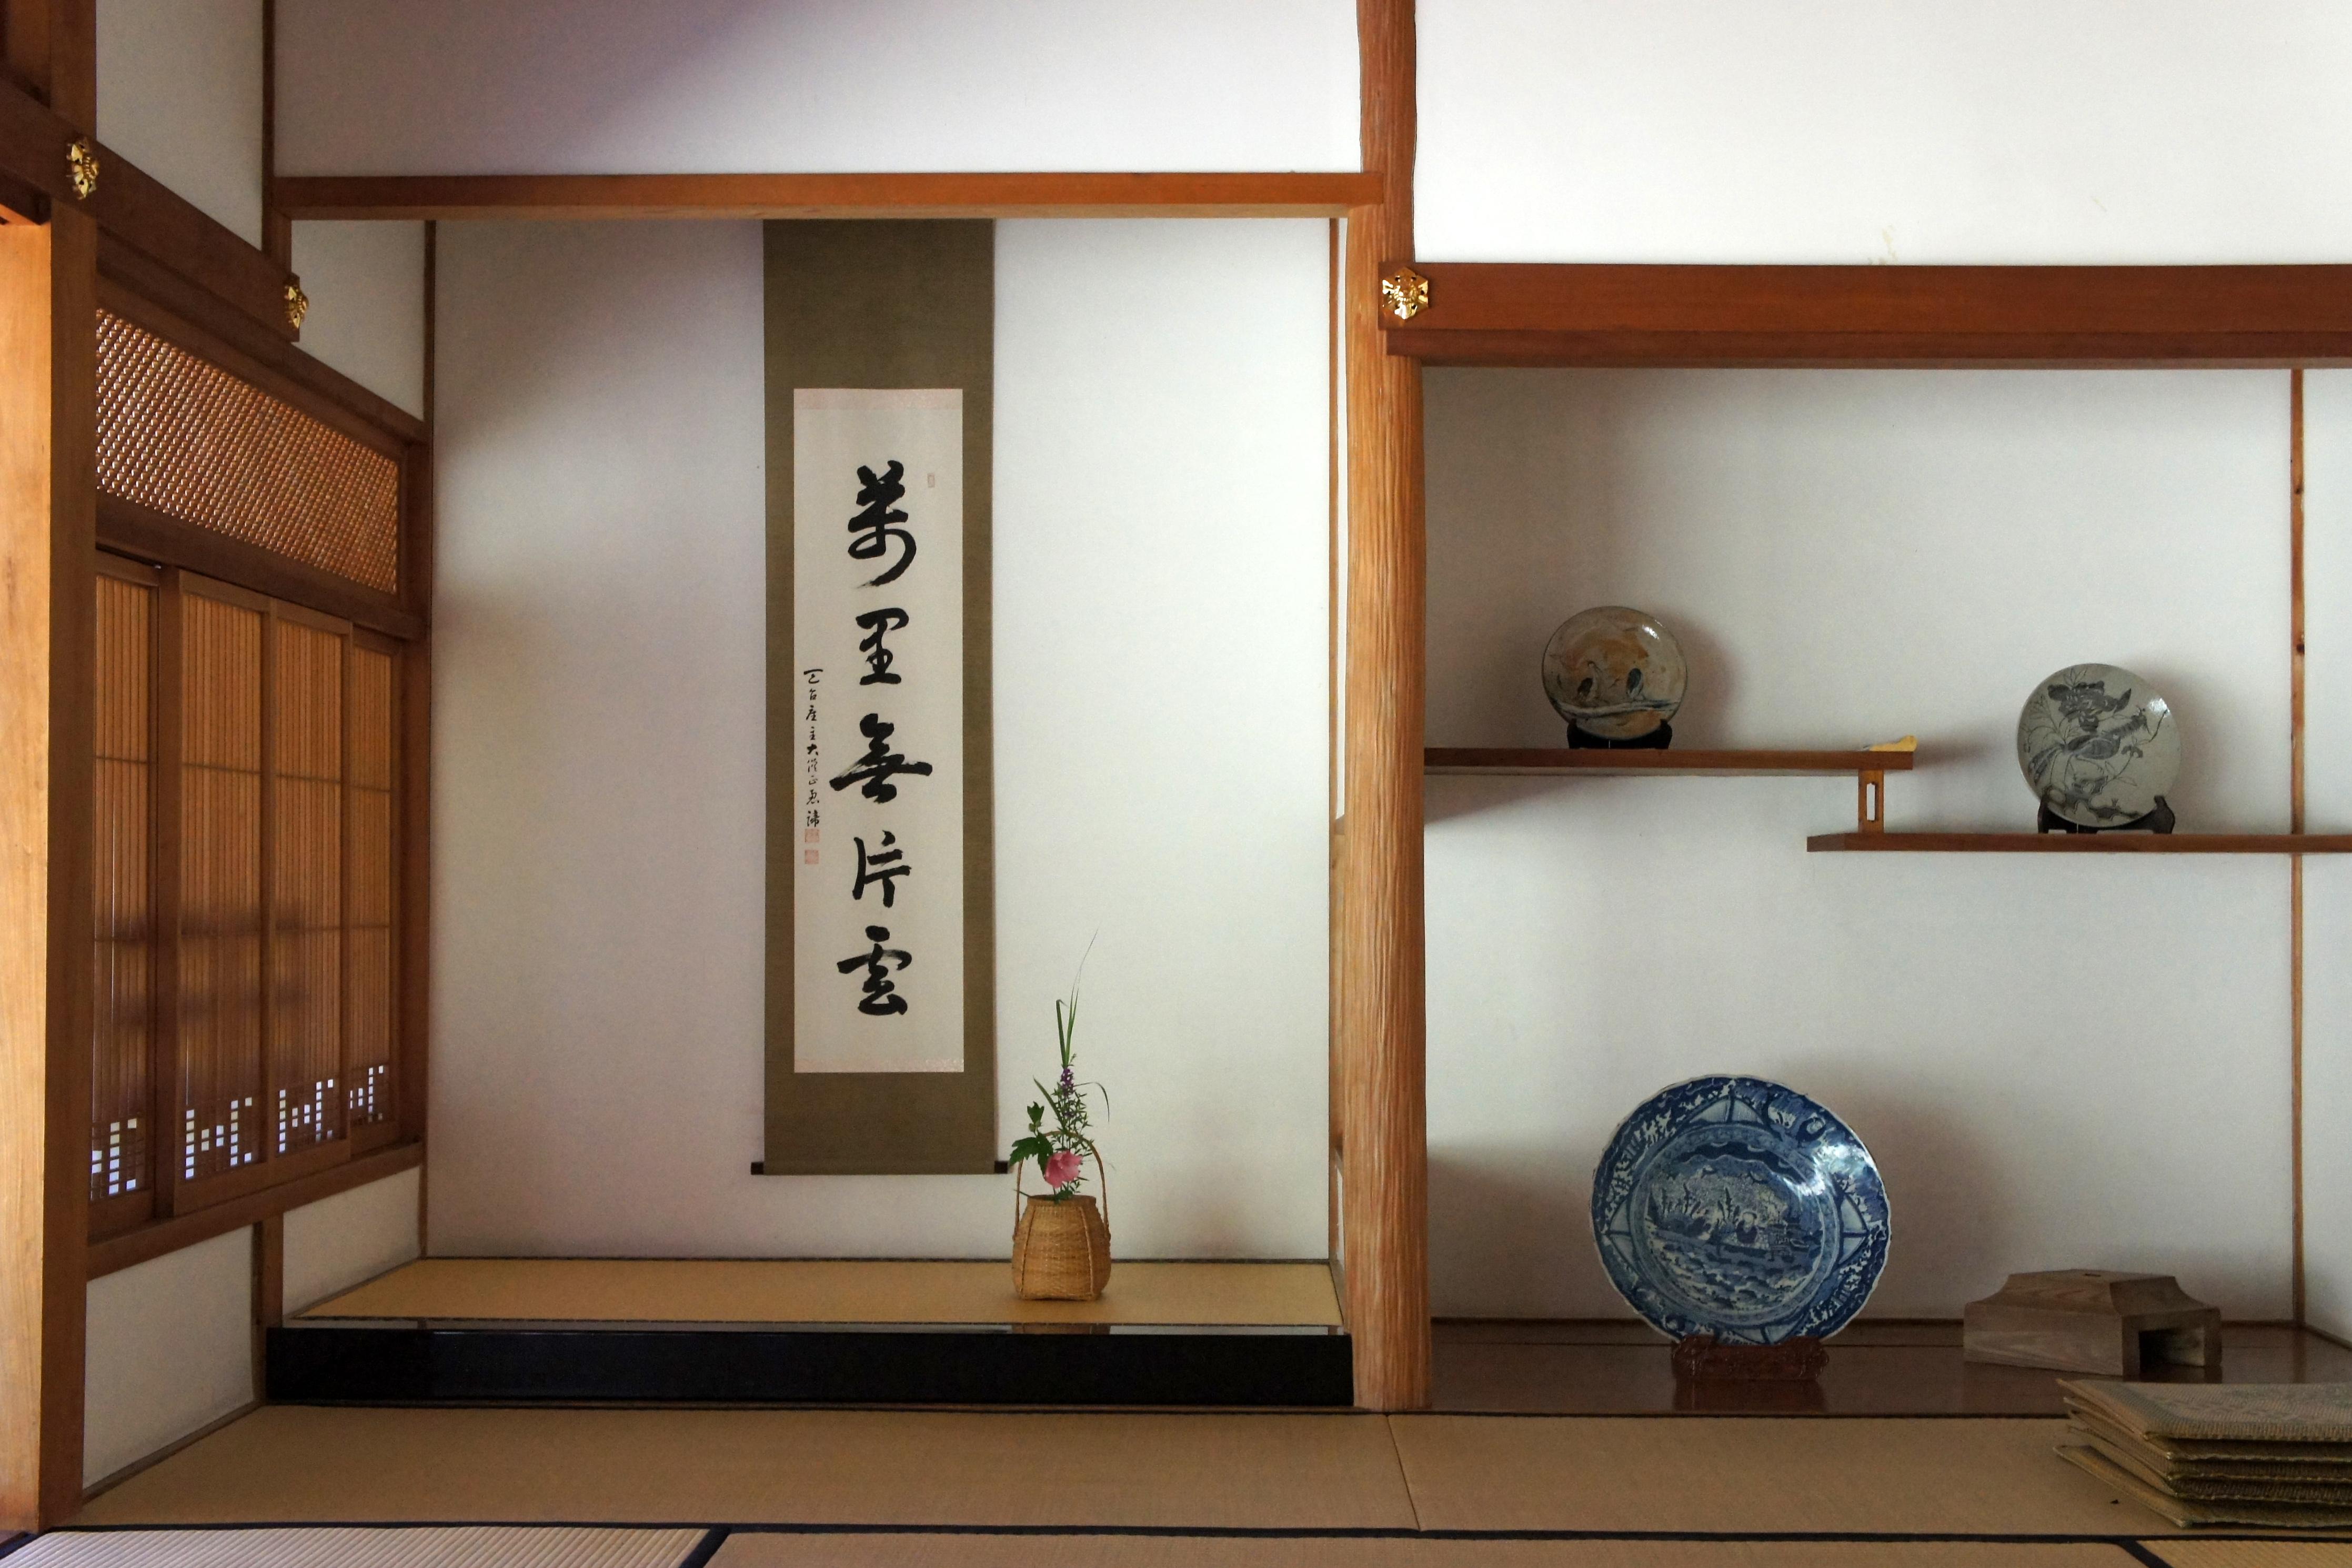 tokonama di rumah tradisional Jepang